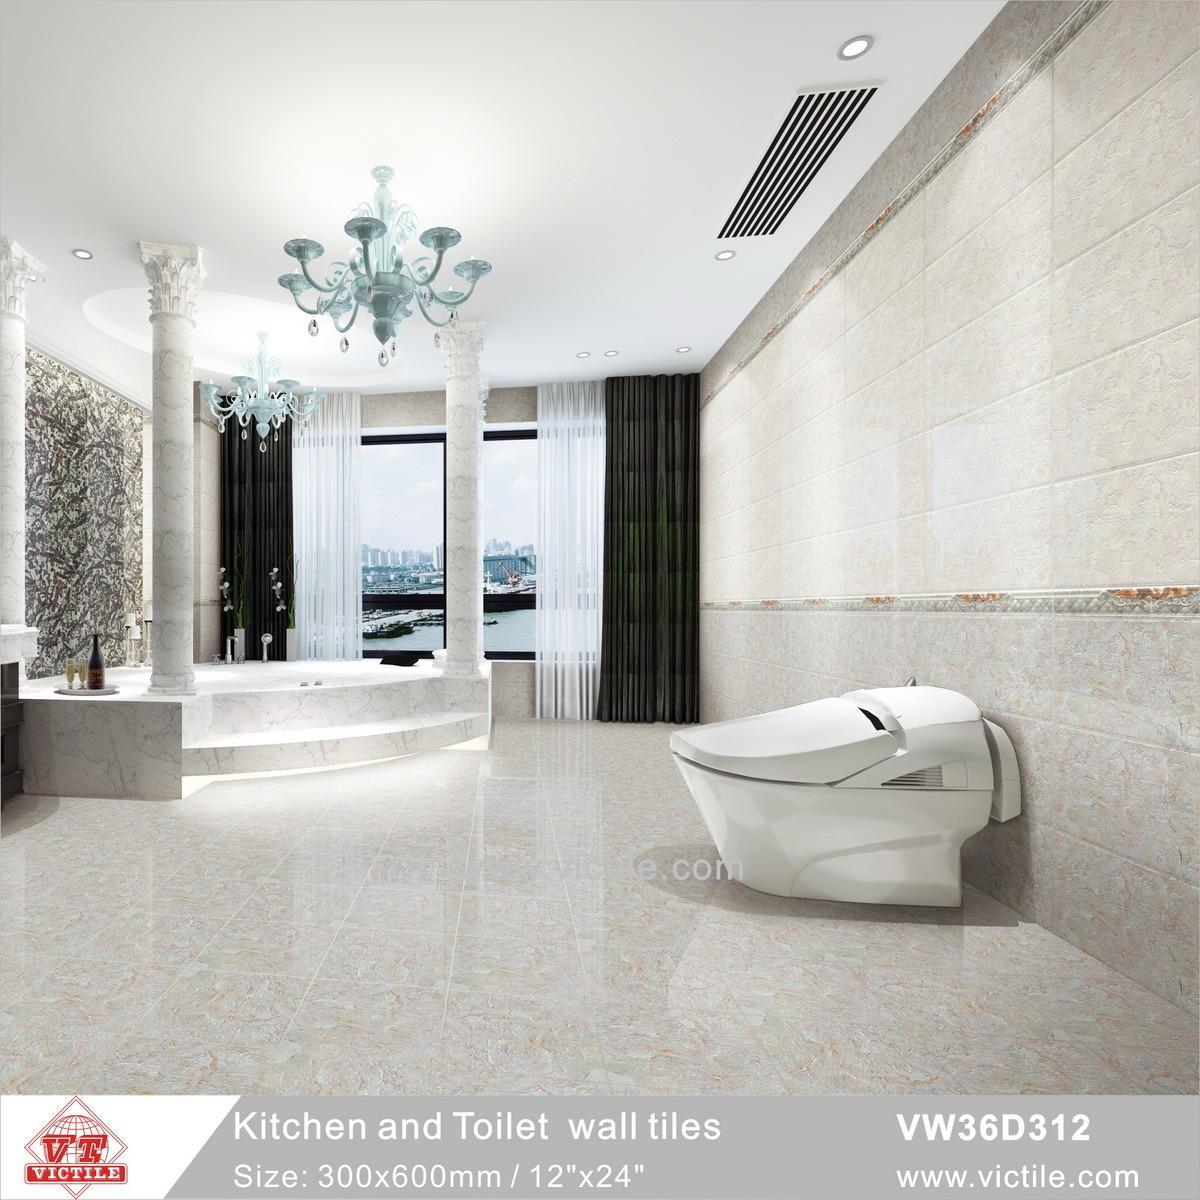 Beau China Foshan Decoration Material Ceramic Kitchen Bathroom Wall Tile  (VW36D312, 300X600mm/12u2032u2032x24u2032u2032)   China Porcelain Tile, Decoration Material